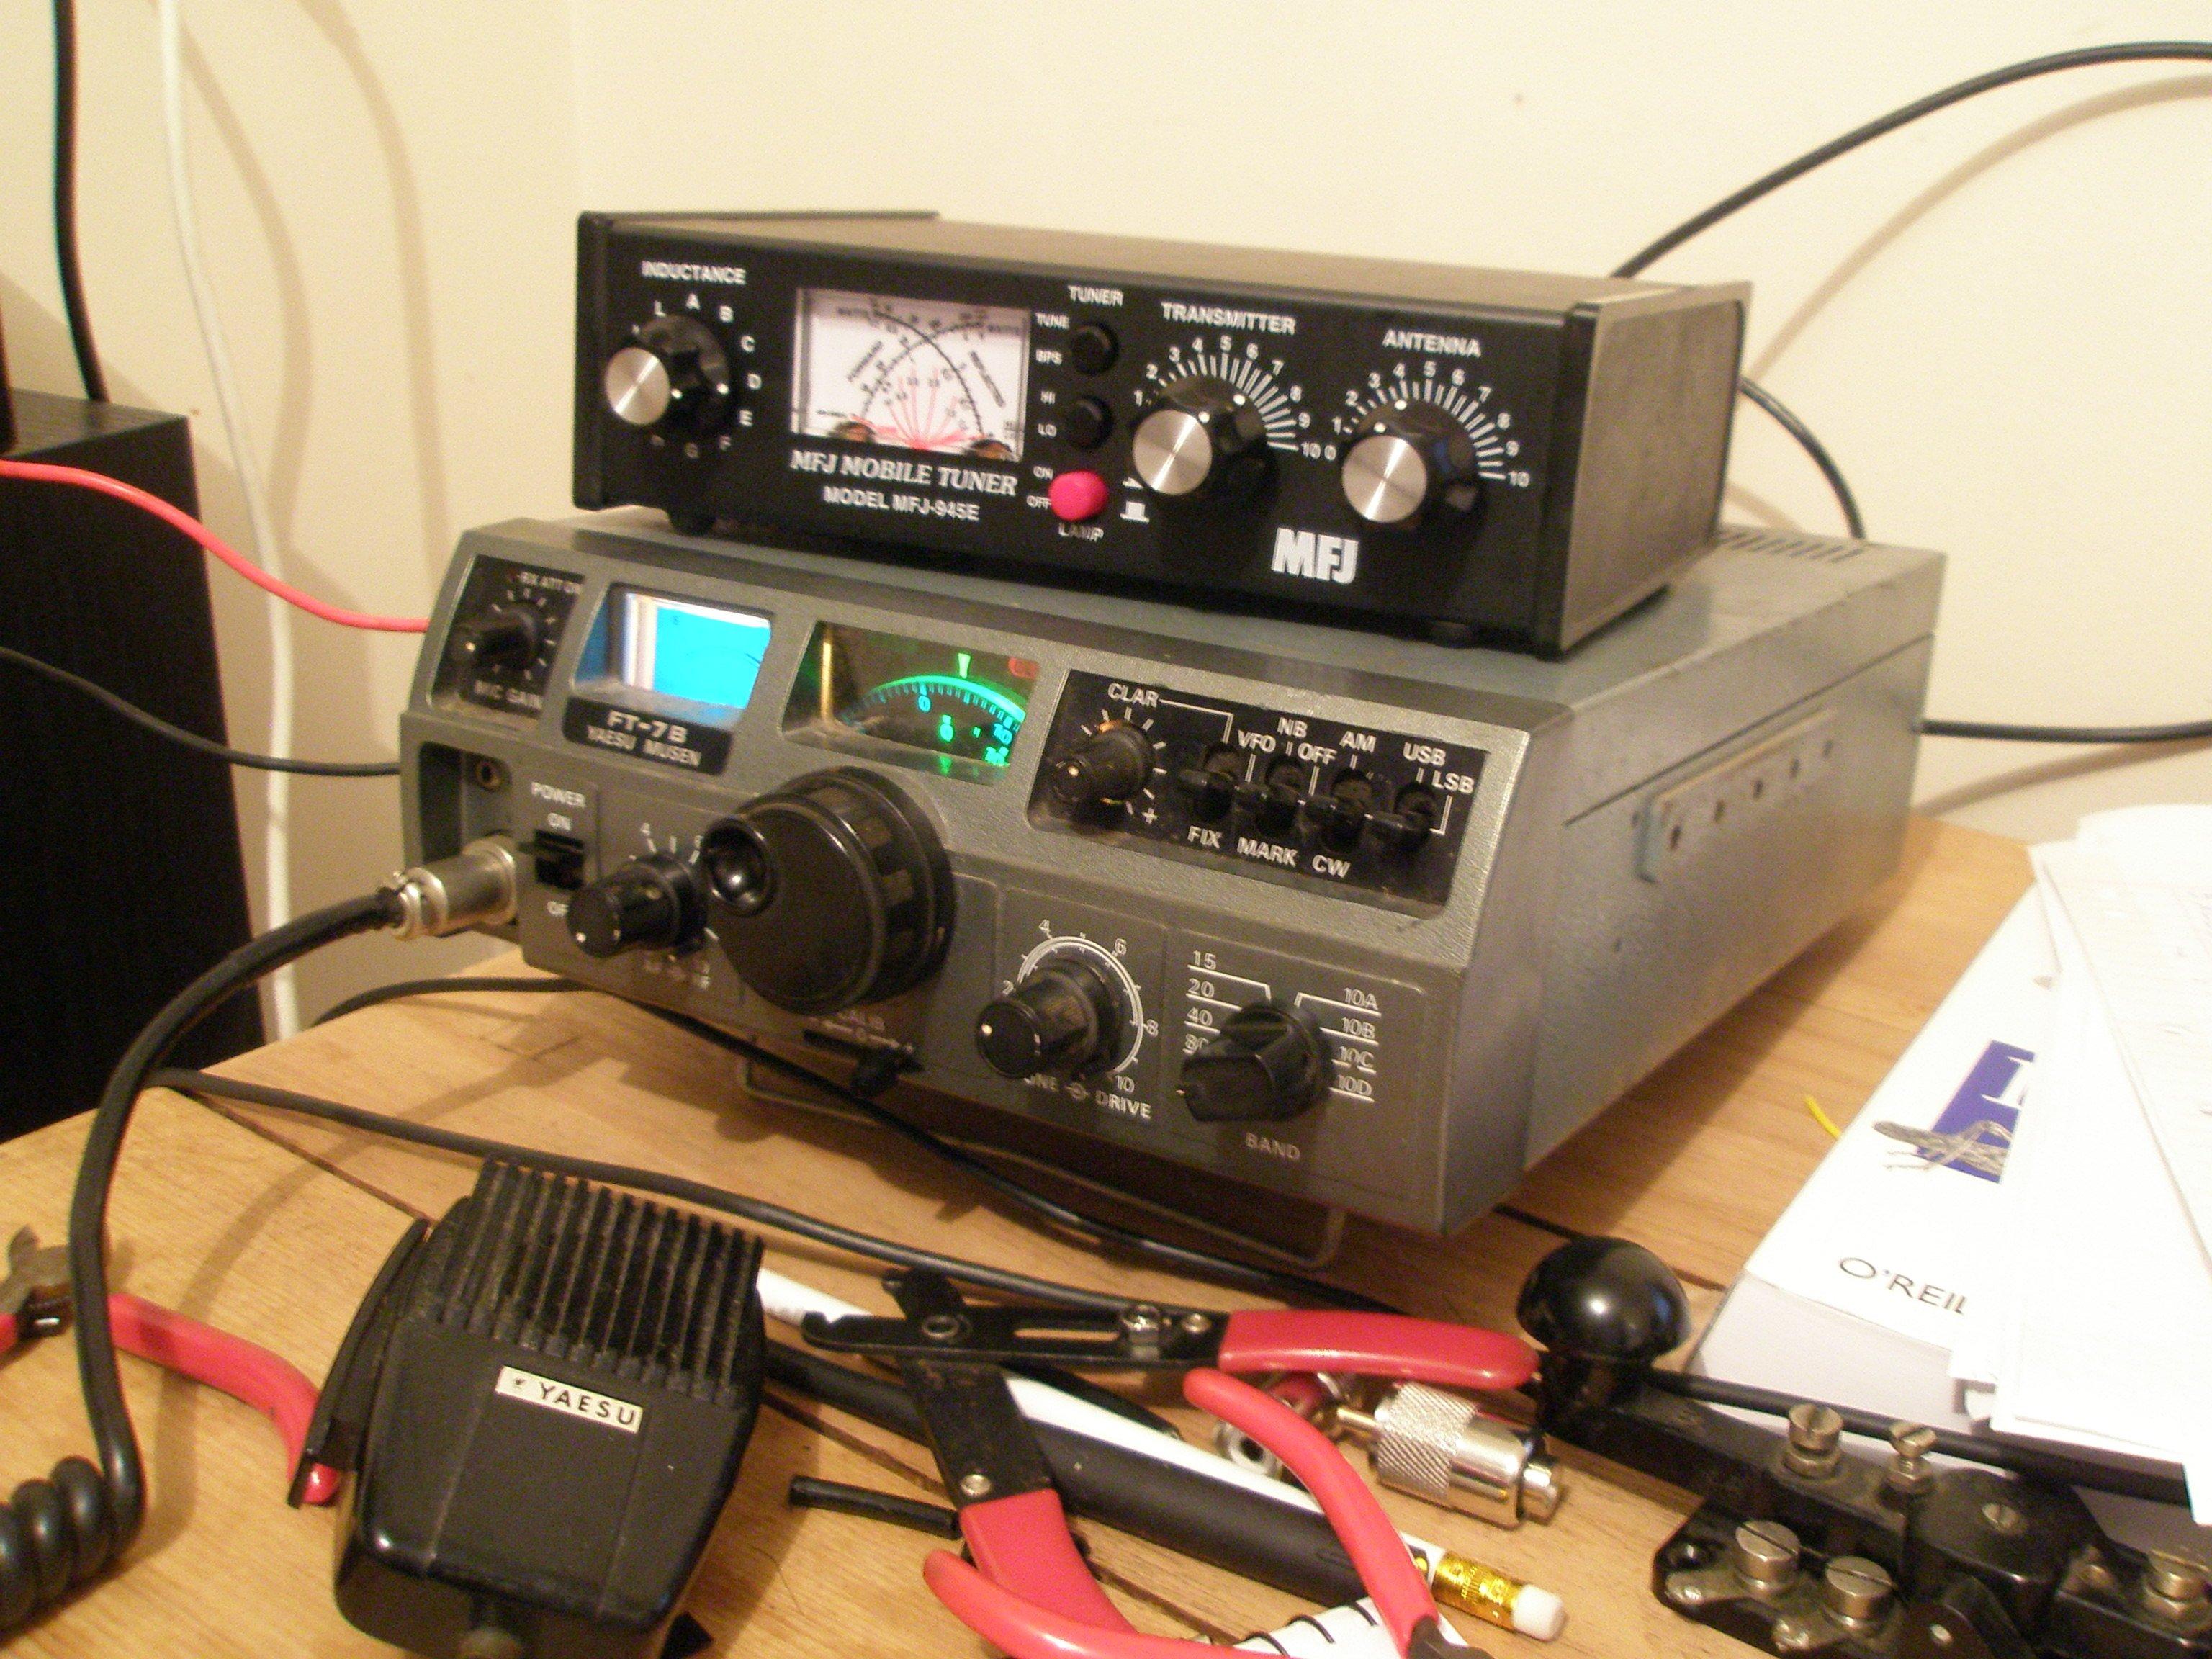 А правда что любой современный компьютер можно превратить в радиопередатик и радиоприемник?  Благодаря такому технич ... - Изображение 1